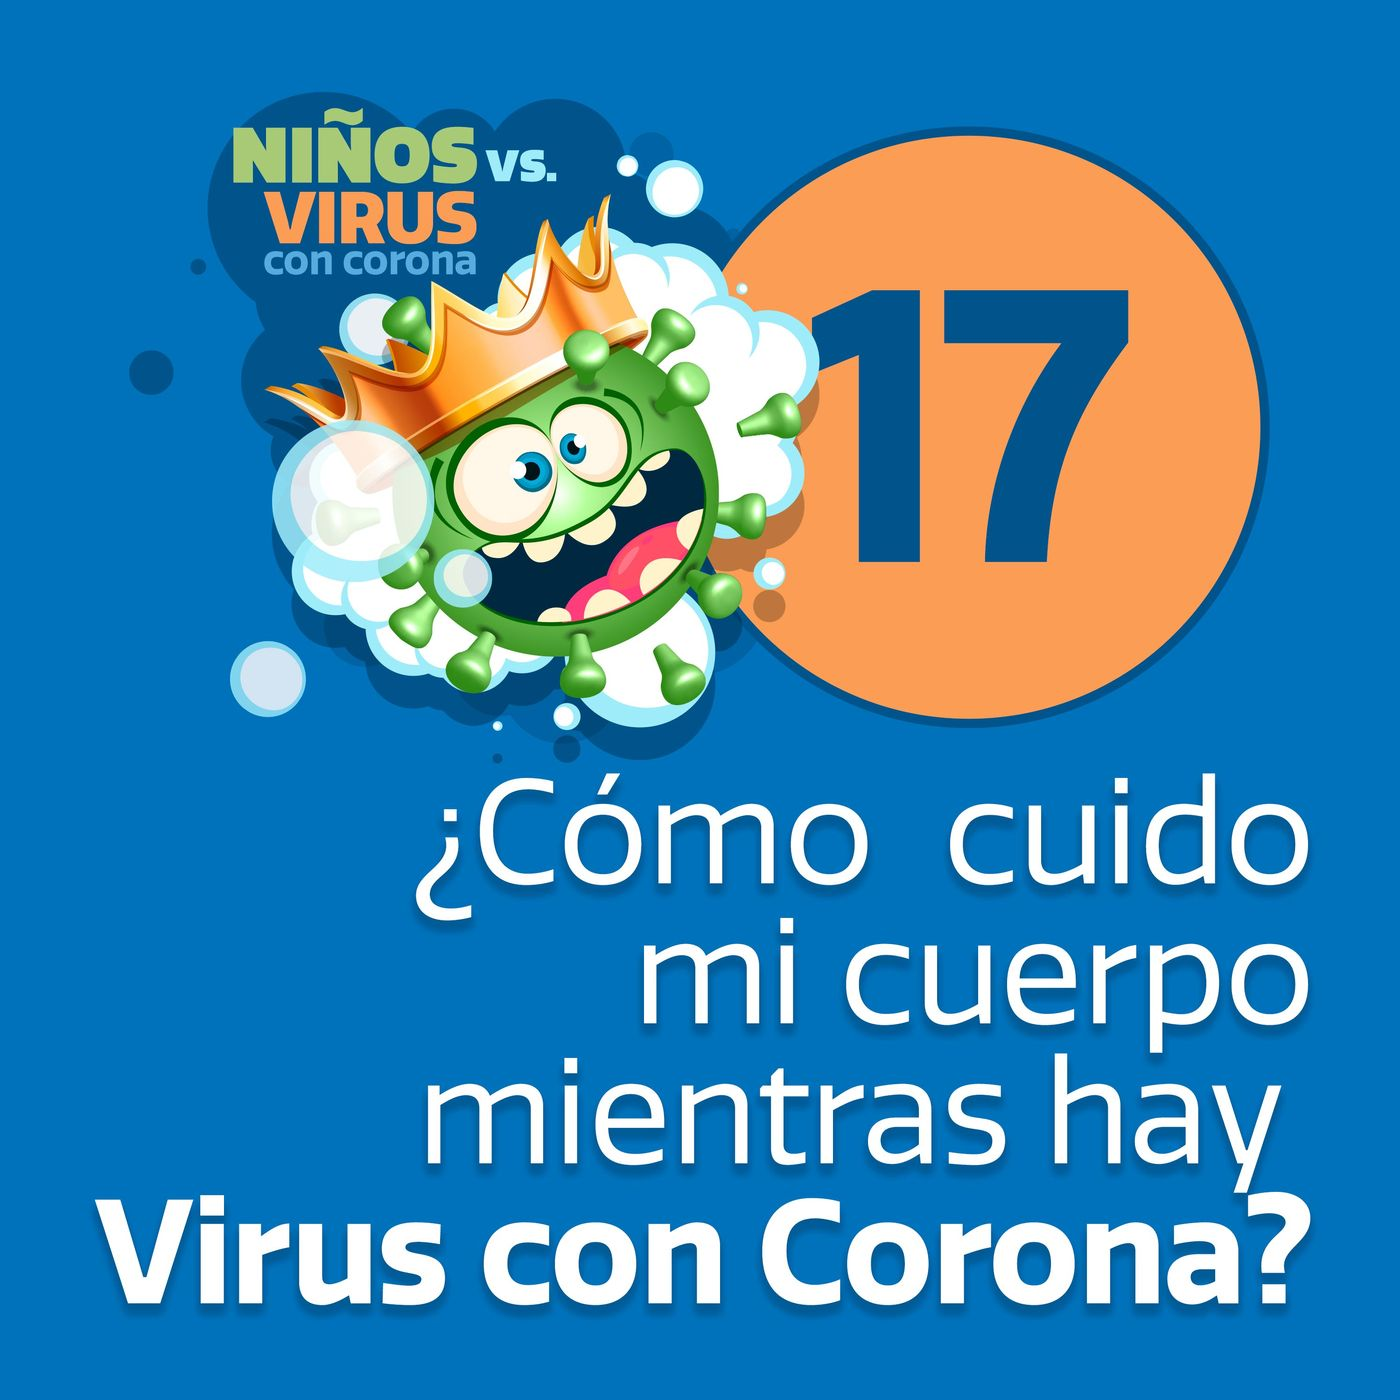 Día 17: La guardia de nuestro interior   ¿Cómo cuido mi cuerpo mientras hay Virus con corona?